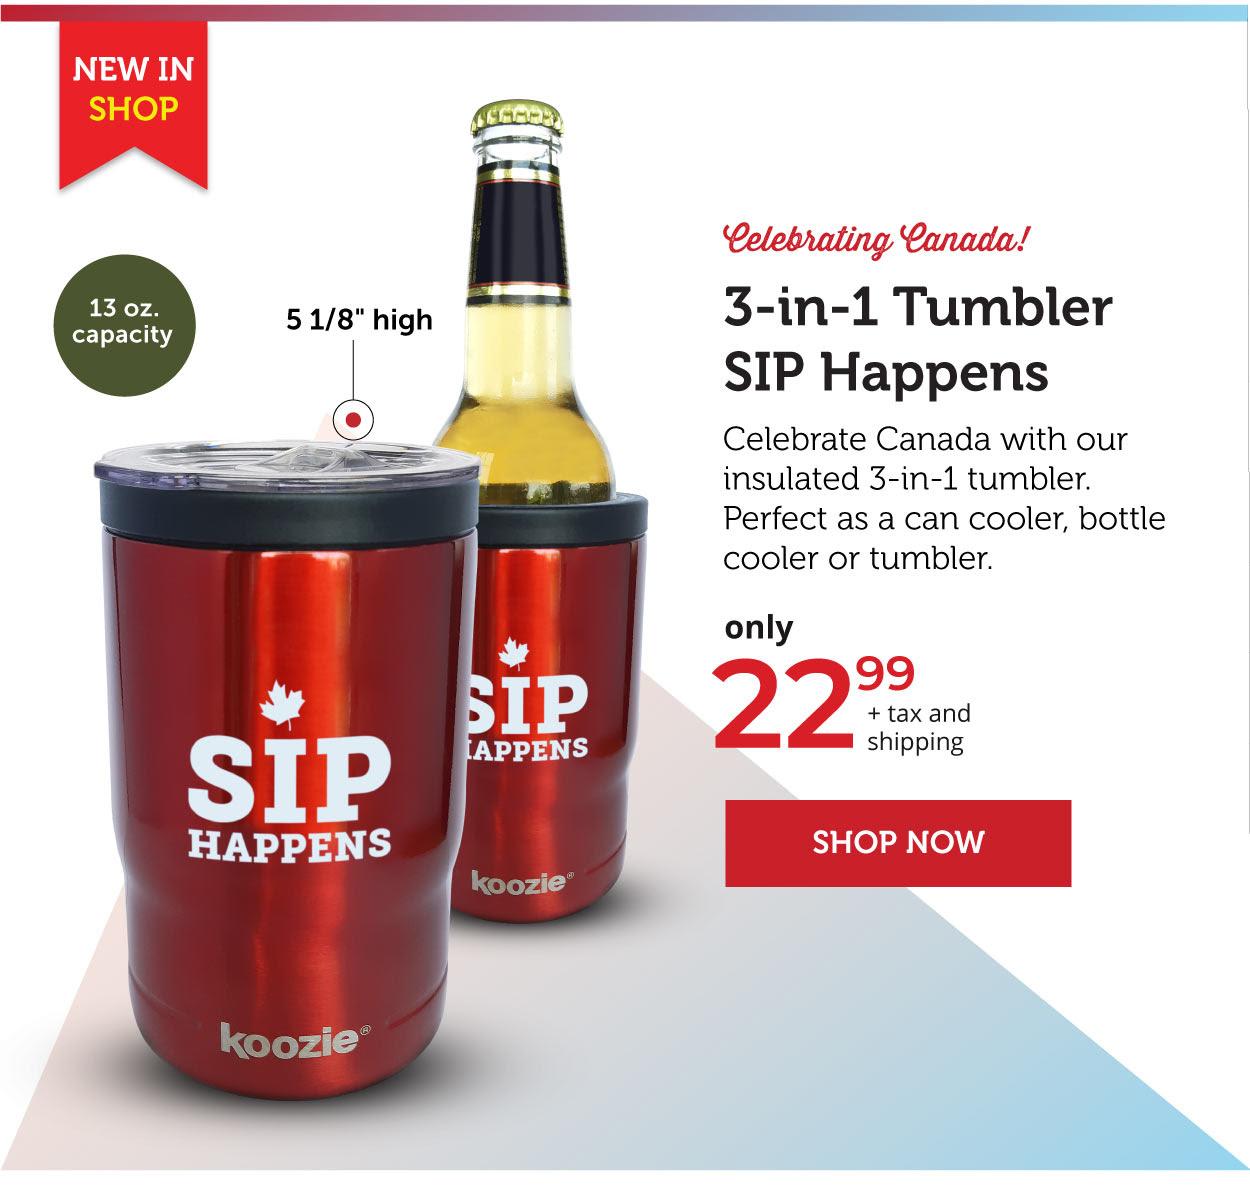 3-in-1 Tumbler SIP Happens